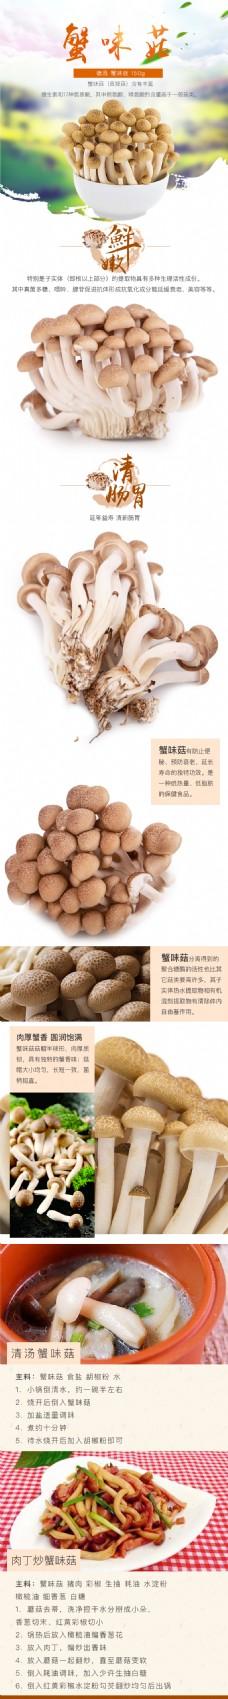 蟹味菇 菌菇淘宝电商详情页